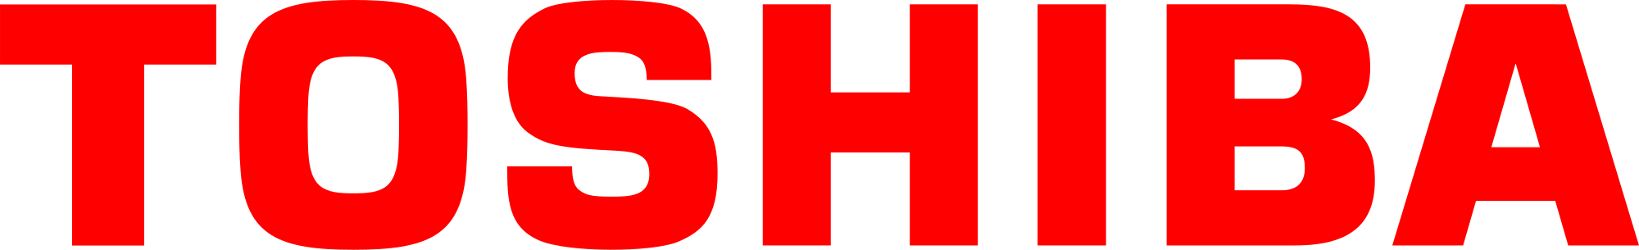 logo_toshiba.png